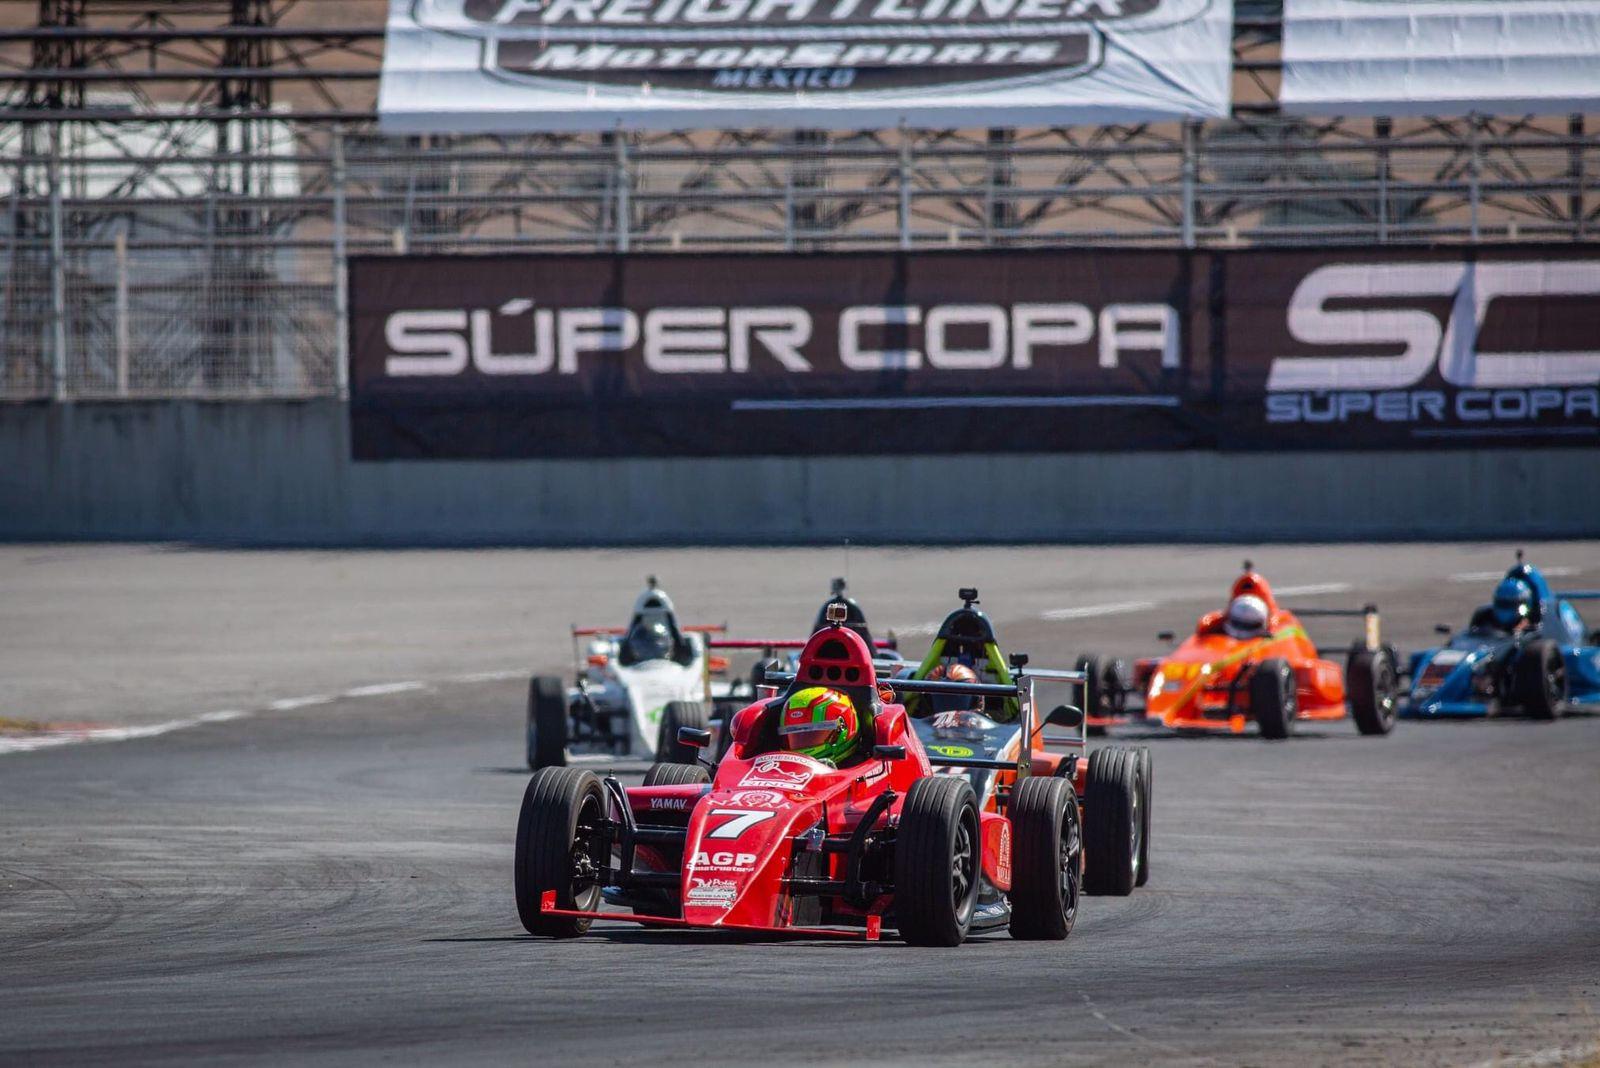 Adrenalina pura en el Autódromo de Querétaro con la Súper Copa